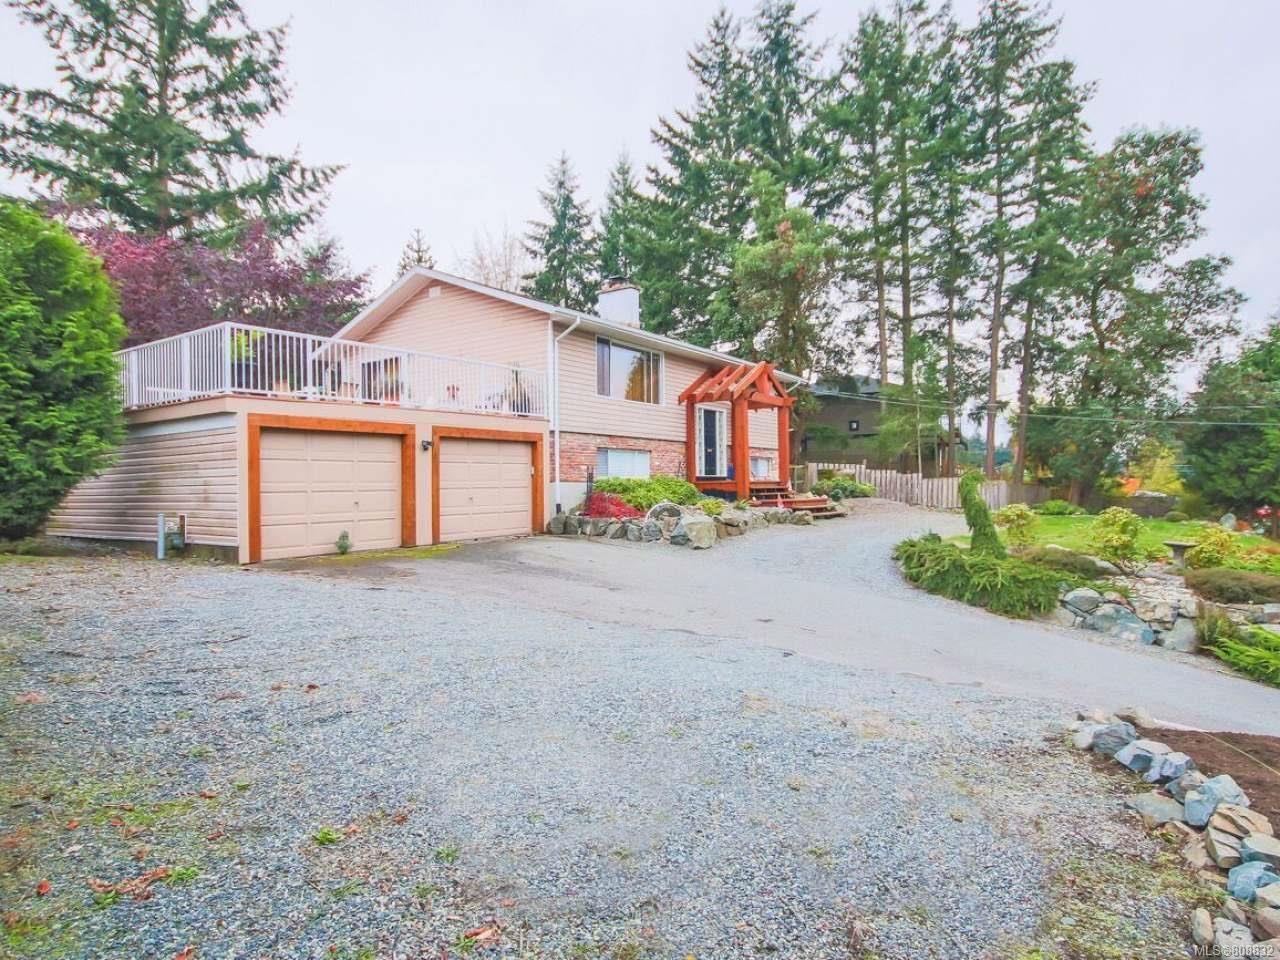 Photo 35: Photos: 5407 Lost Lake Rd in NANAIMO: Na North Nanaimo House for sale (Nanaimo)  : MLS®# 808832